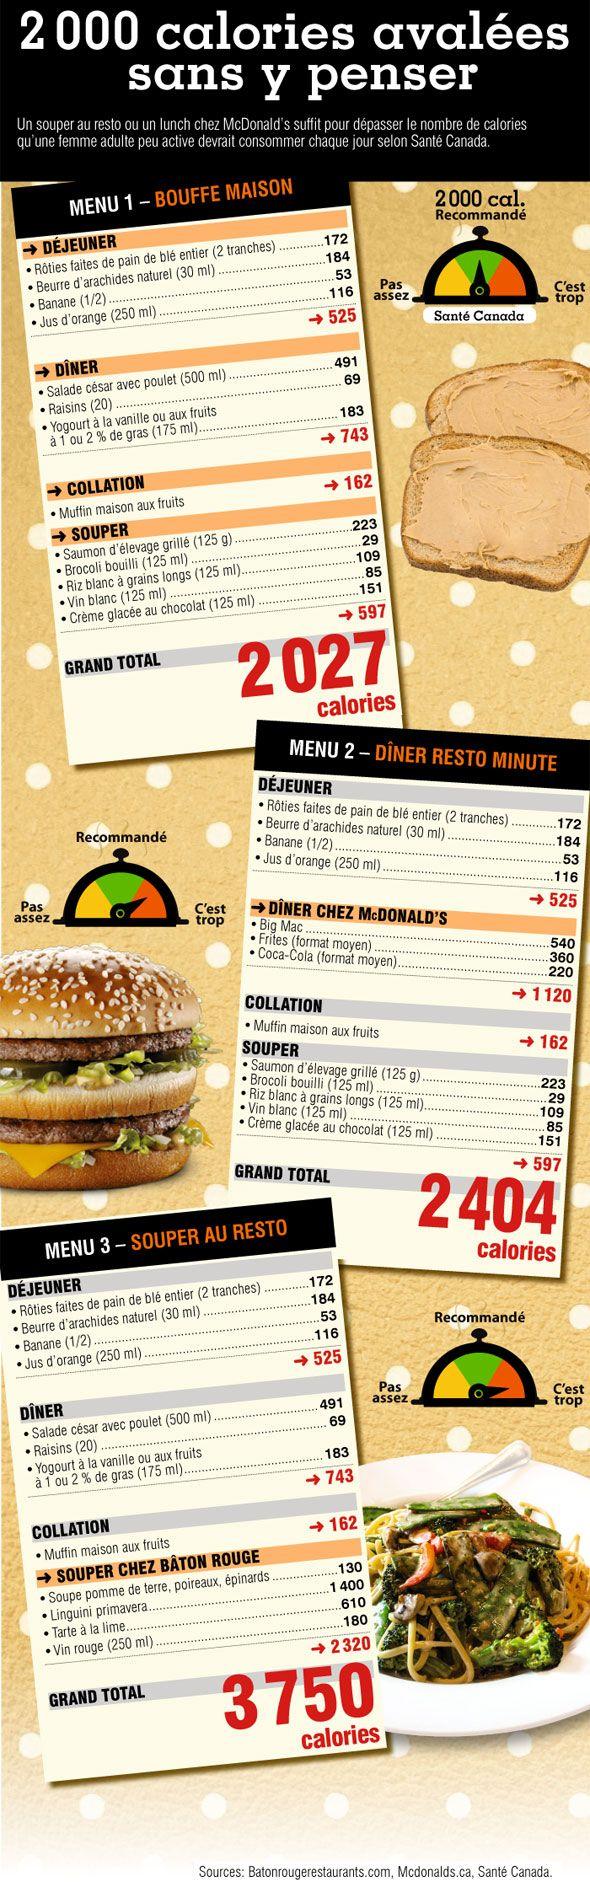 En image: 2000 calories avalées sans y penser | Protégez-Vous.ca